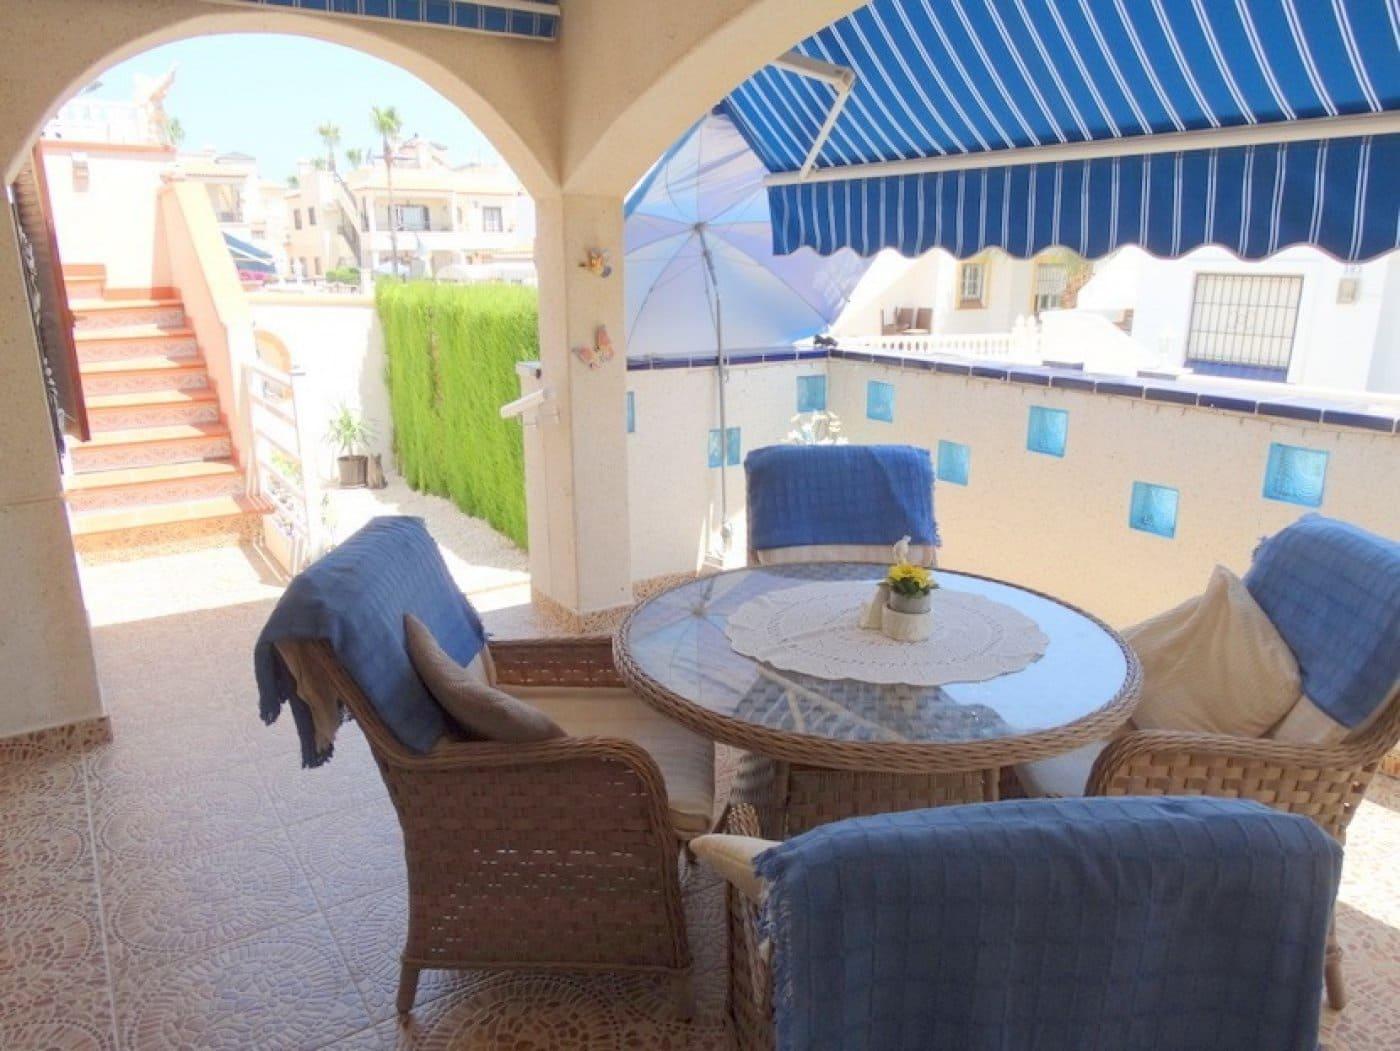 Apartamento de 2 habitaciones en Playa Flamenca en venta con piscina - 139.000 € (Ref: 4677563)